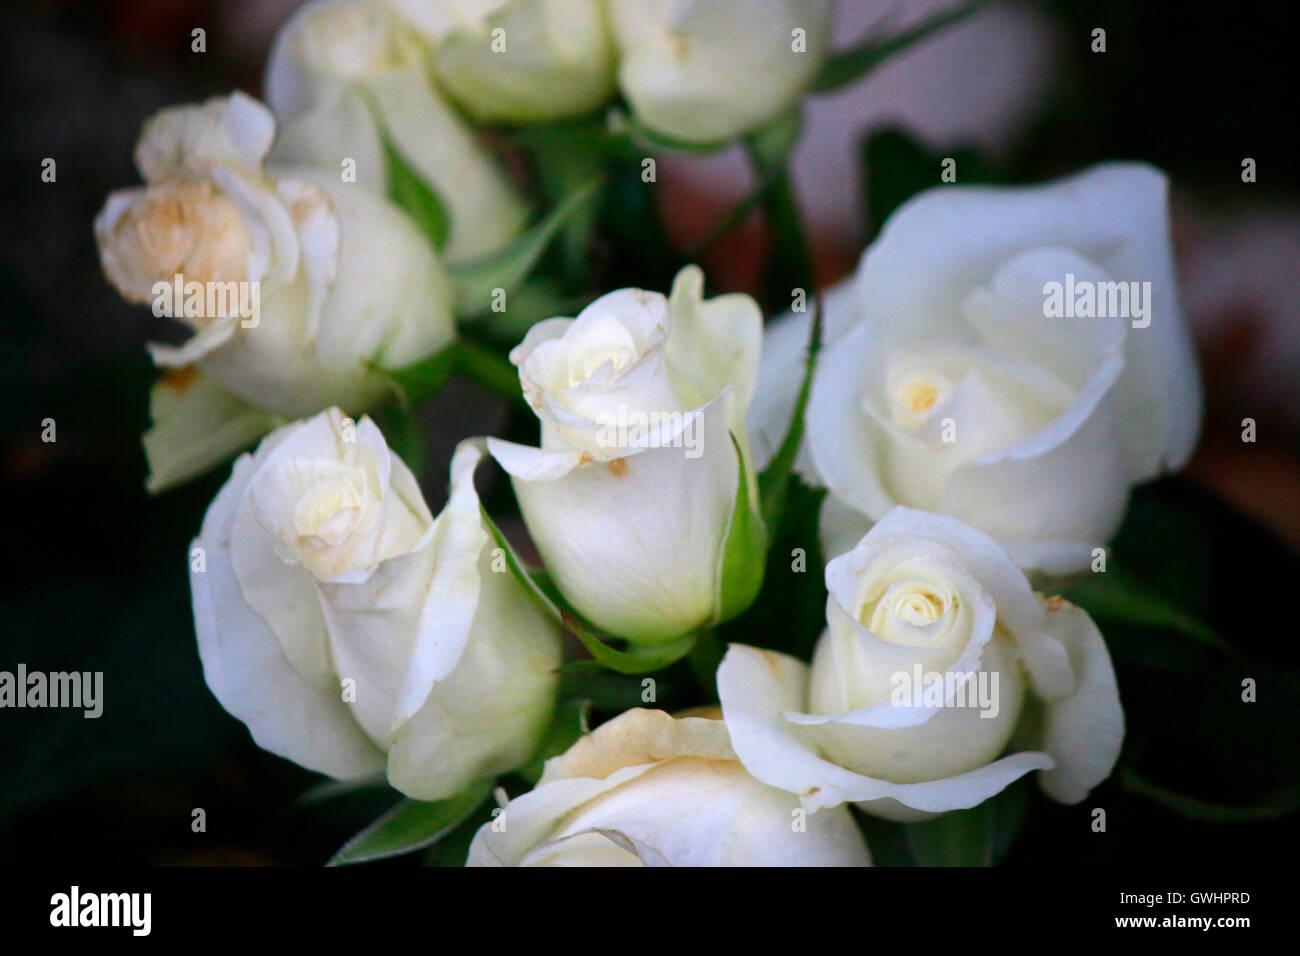 Roses fleurs deuil blanc nature symbolique Photo Stock